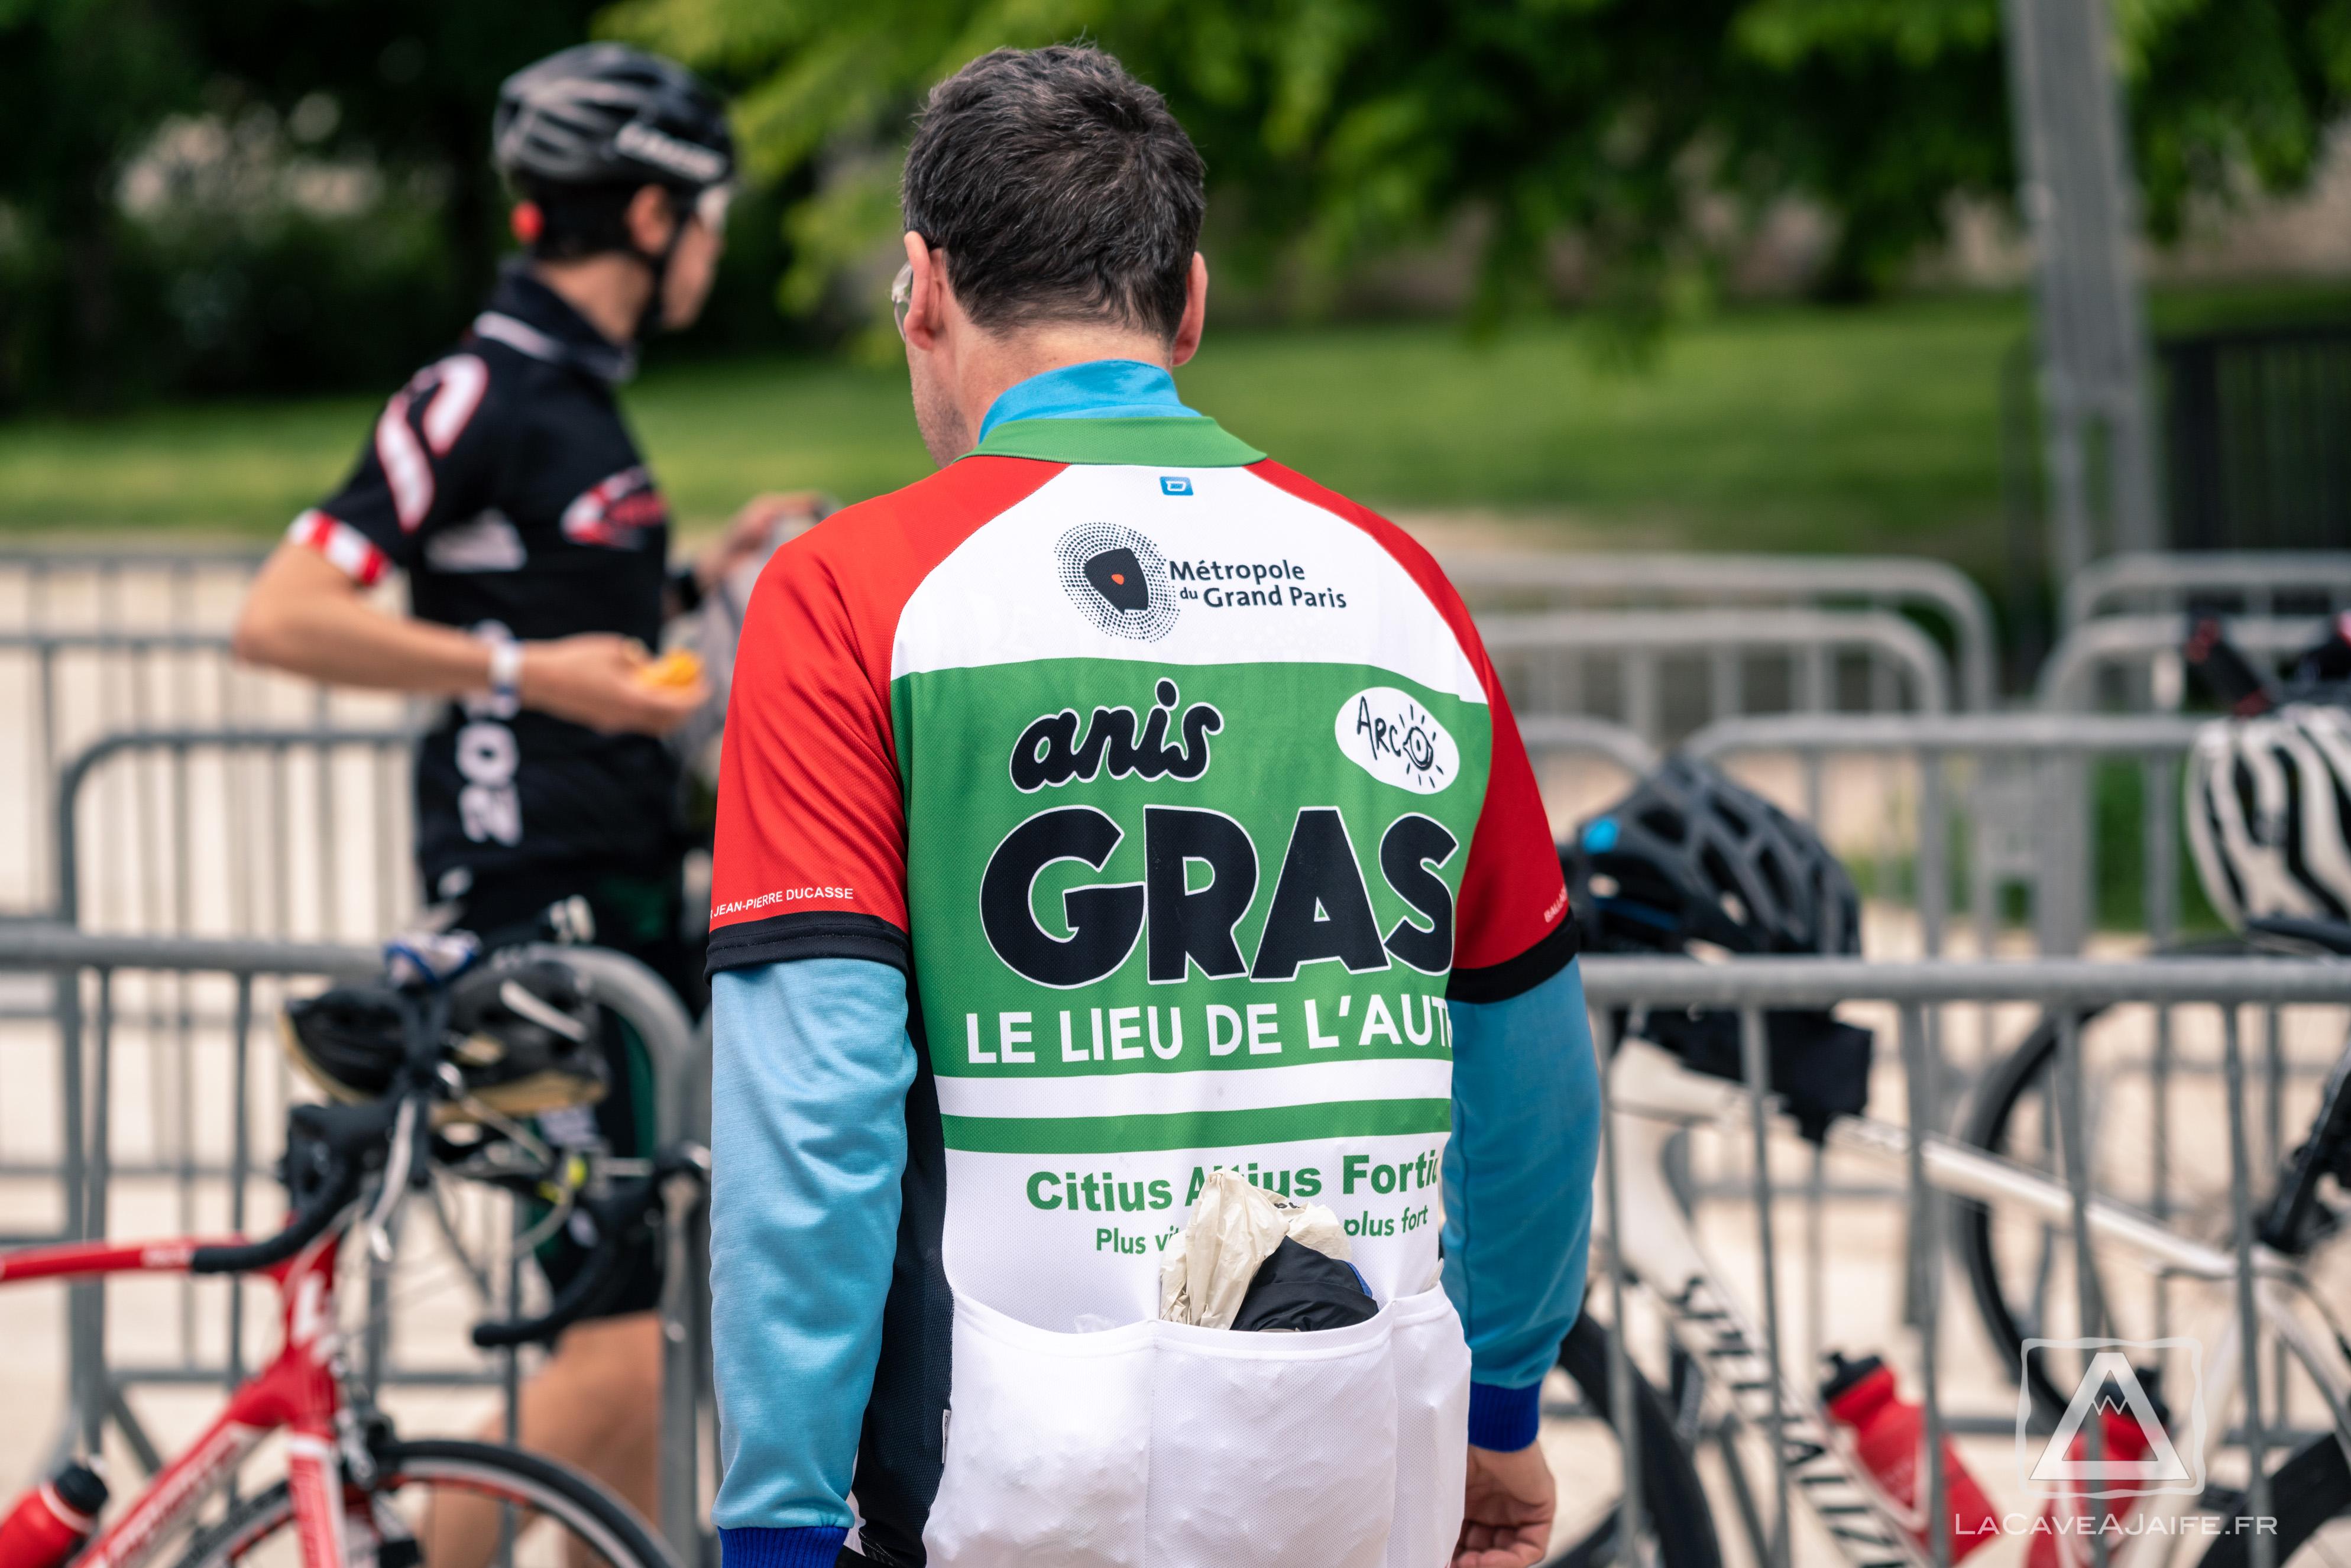 Le départ de l'ultra du Grand tour Paris - 18 mai 2019 28